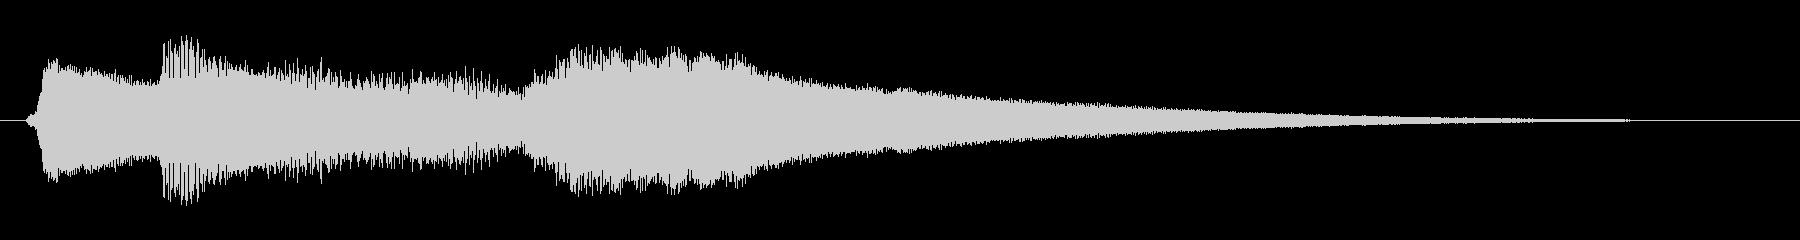 ミステリー&ホラー・発見・導入音1の未再生の波形